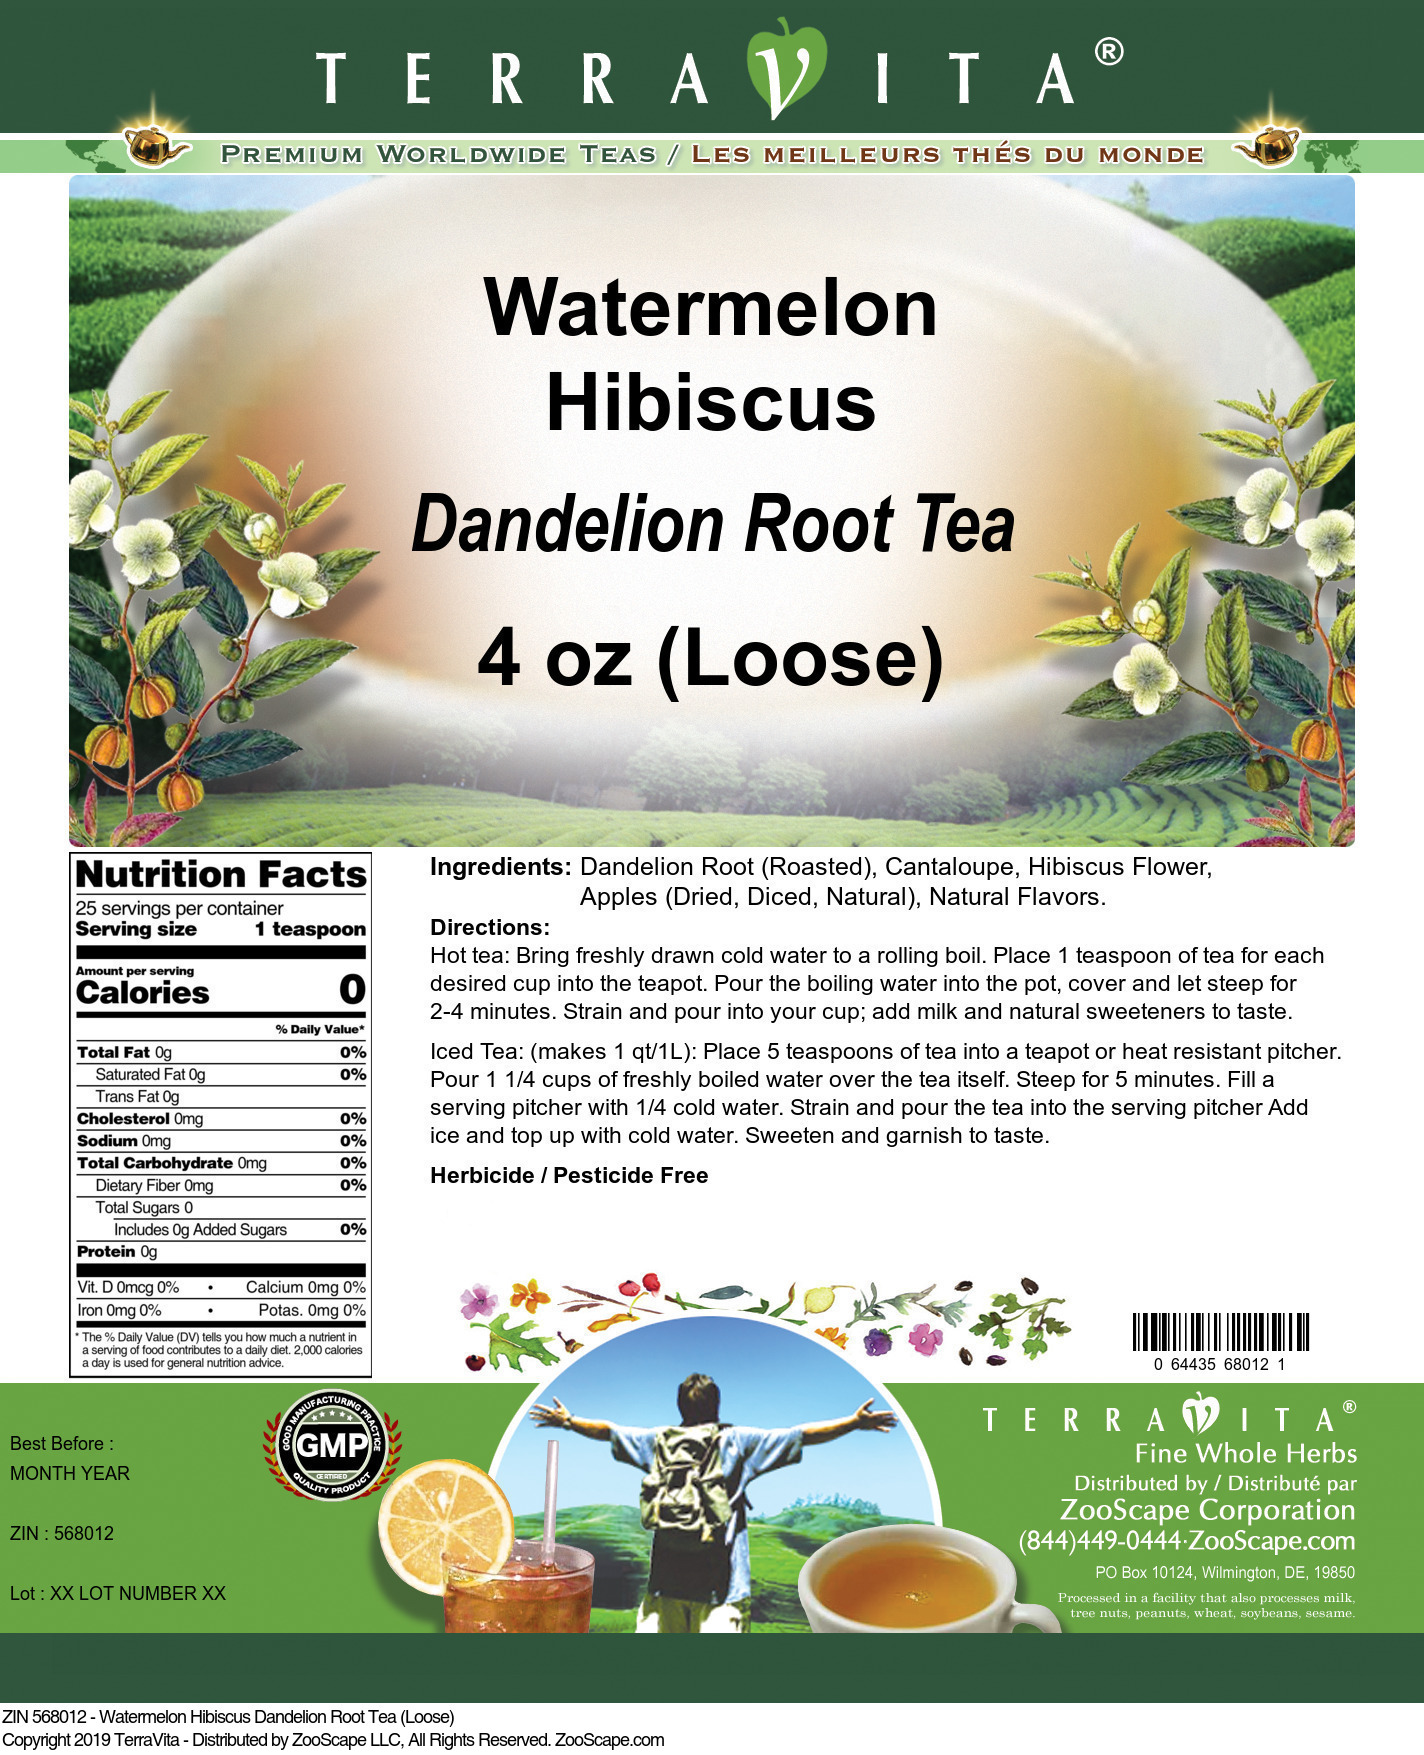 Watermelon Hibiscus Dandelion Root